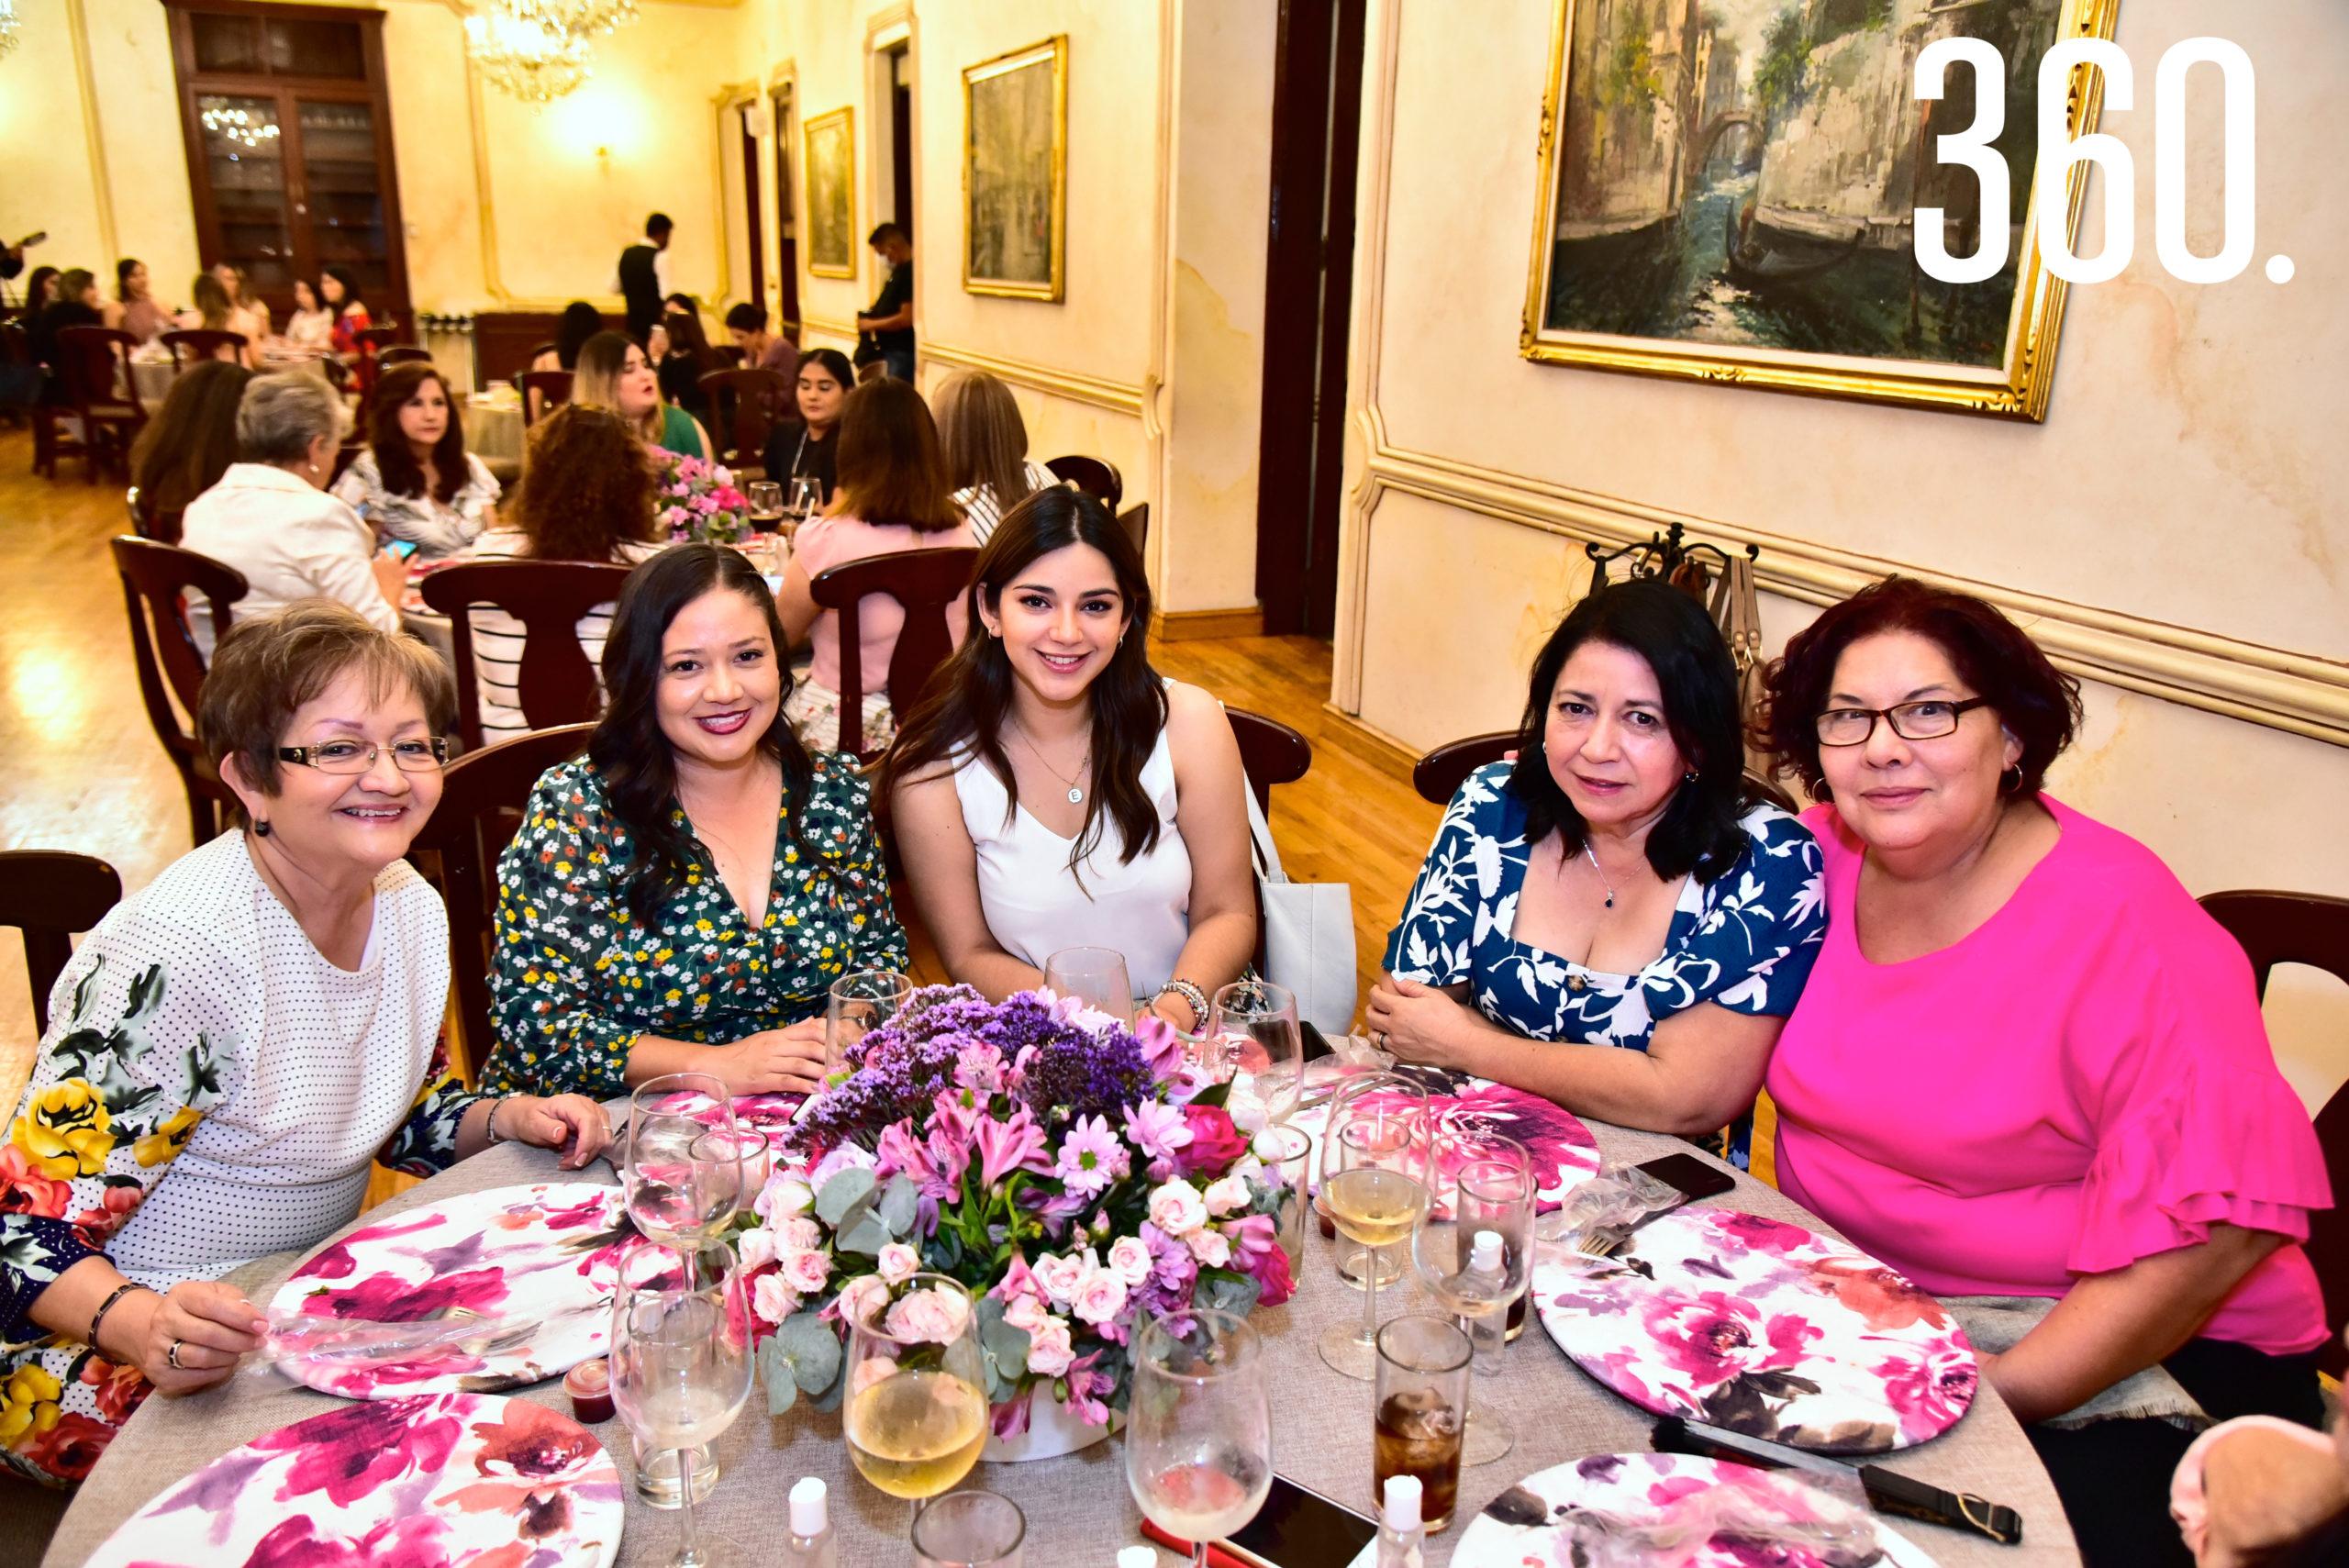 Betty Martínez, Celina Ramírez, Ana Elisa Pérez, Virginia Martínez y Thelma Garza.